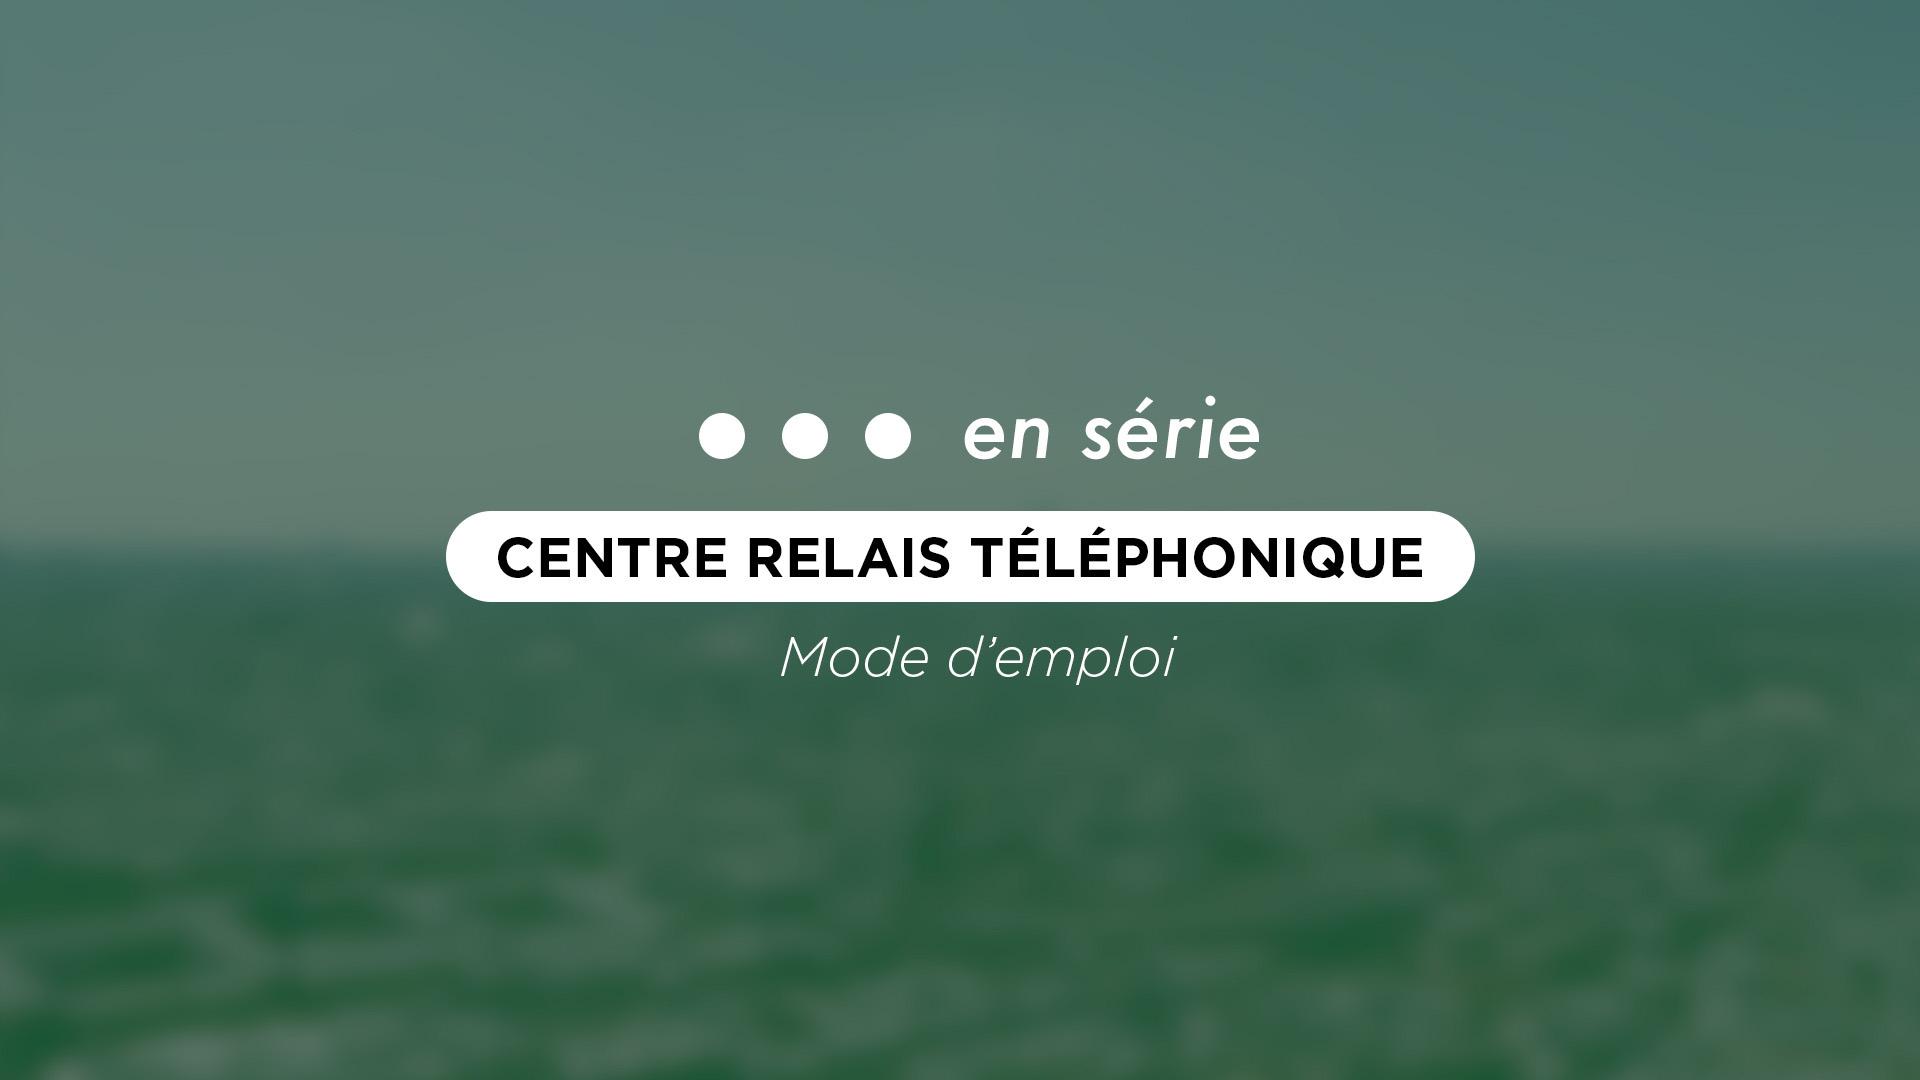 CPT_SERIE_VERT_CRT-01-Mode d'emploi